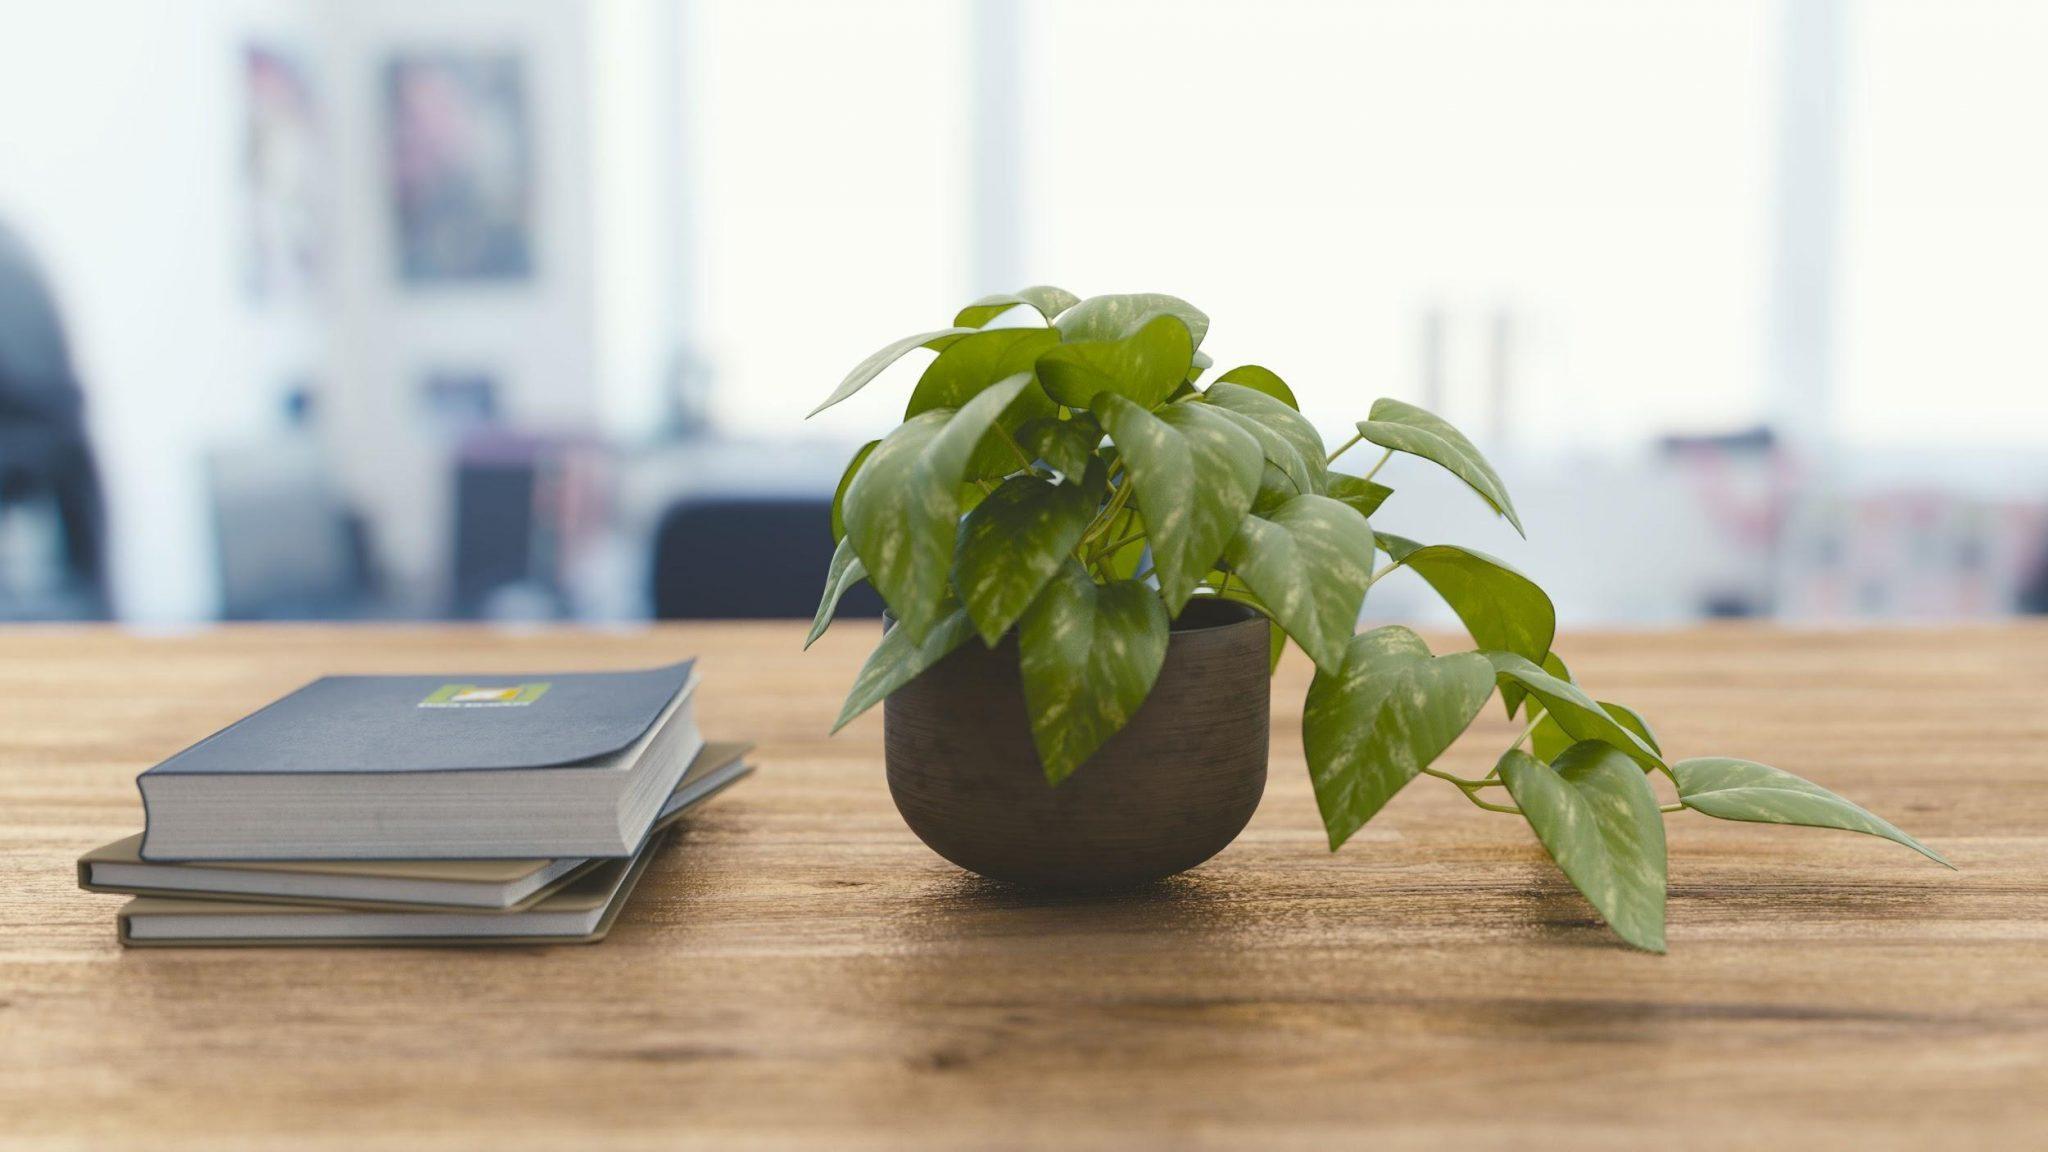 Come migliorare la qualità dell'aria interna con le piante - Foobot-5801